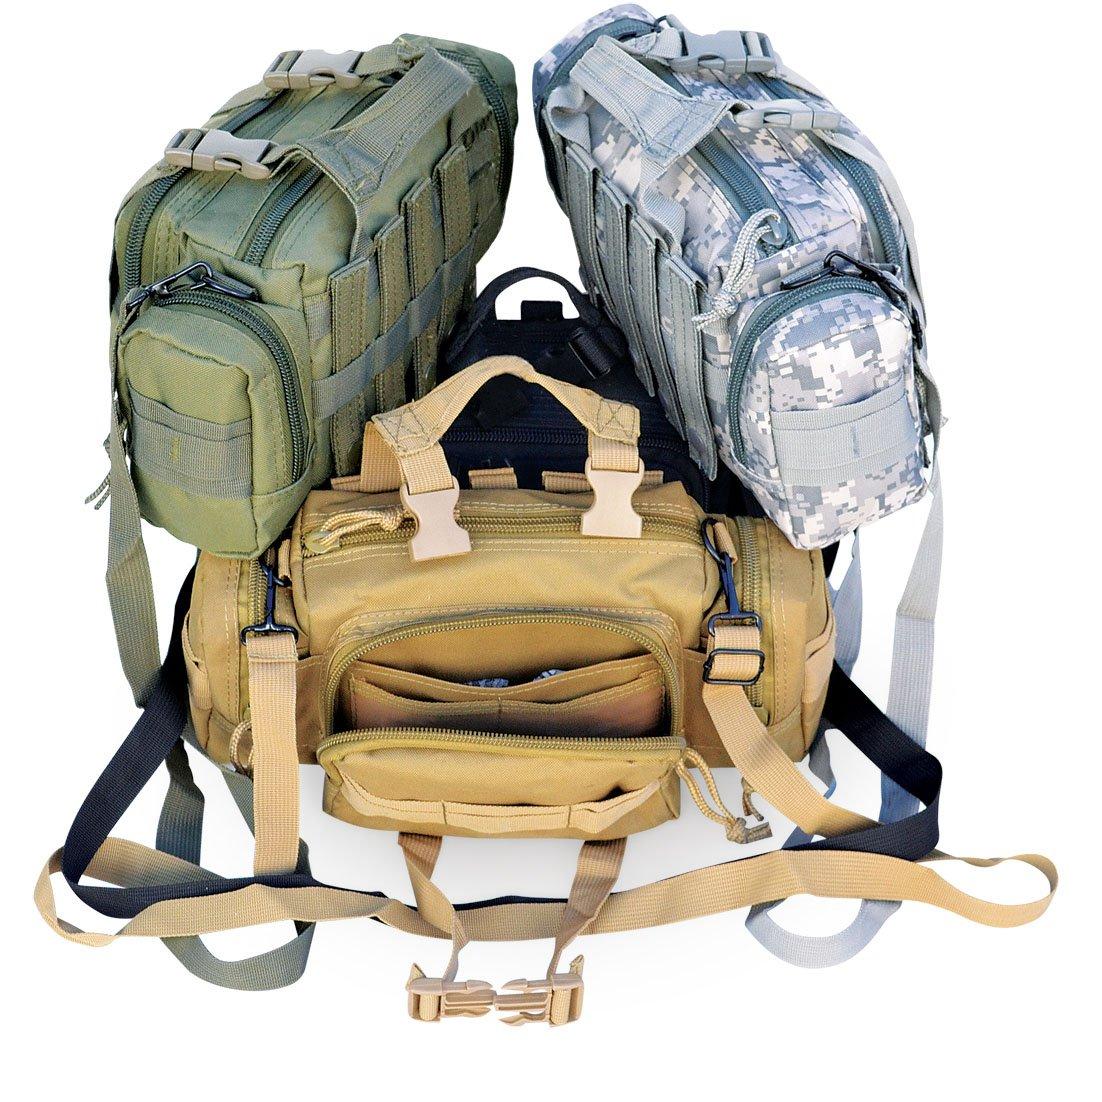 Explorer Small Range Bag